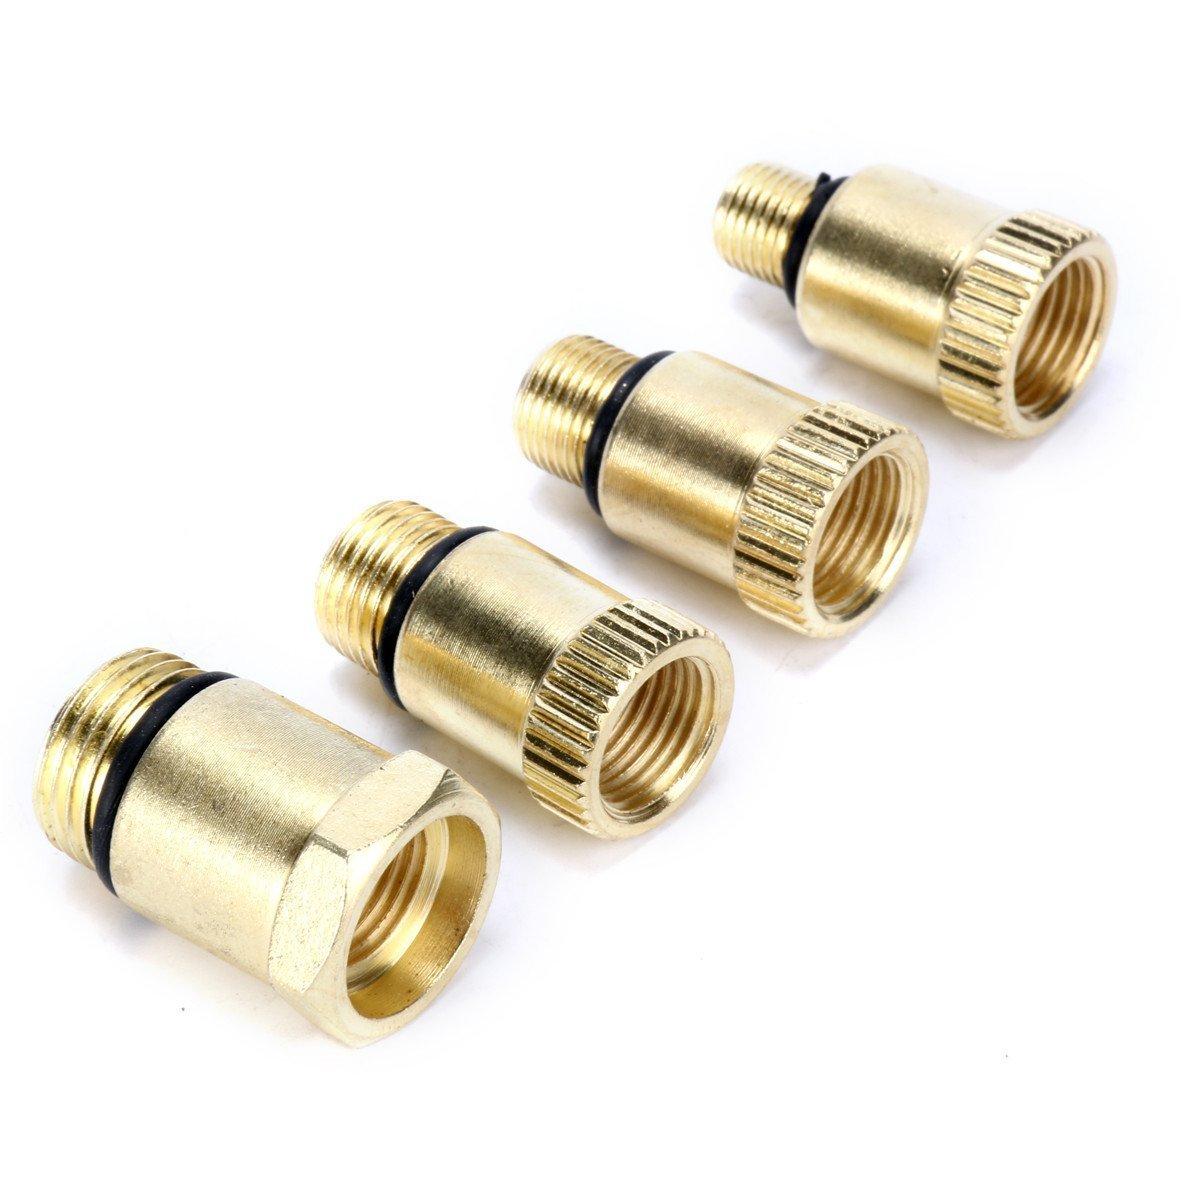 FreeTec Kompressionspr/üfer Kompressionstester Motor Kompression pr/üfen me/ßen Kfz M10 M12 M14 M18